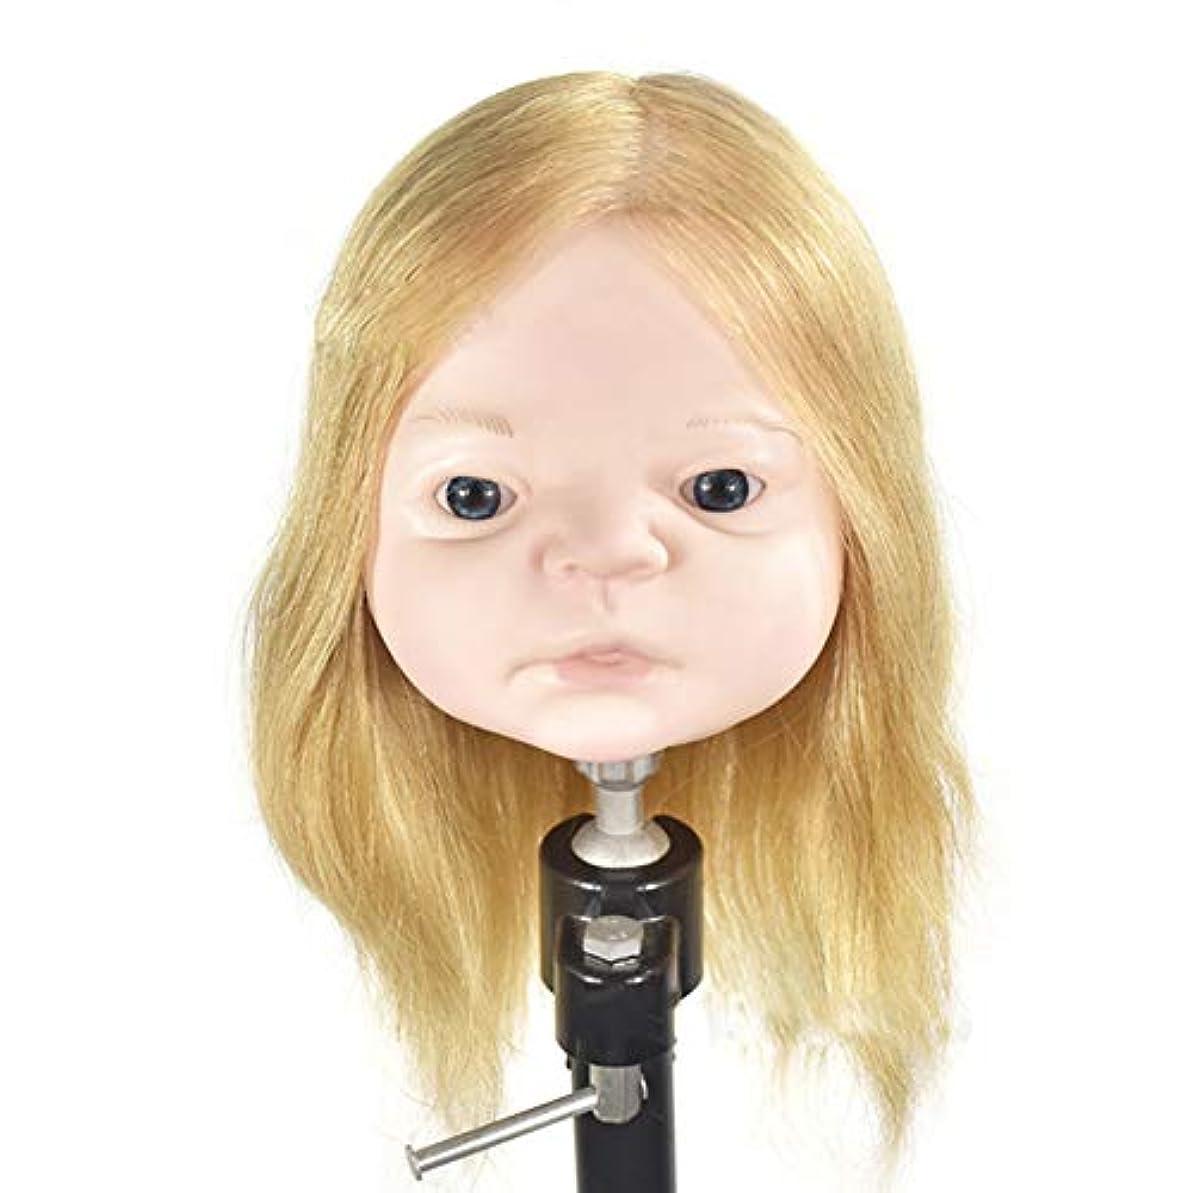 ピアニスト便益威信プロ練習ホット染色漂白ばさみモデリングマネキンヘッド編組毛ウィッグモデルドールティーチングヘッド